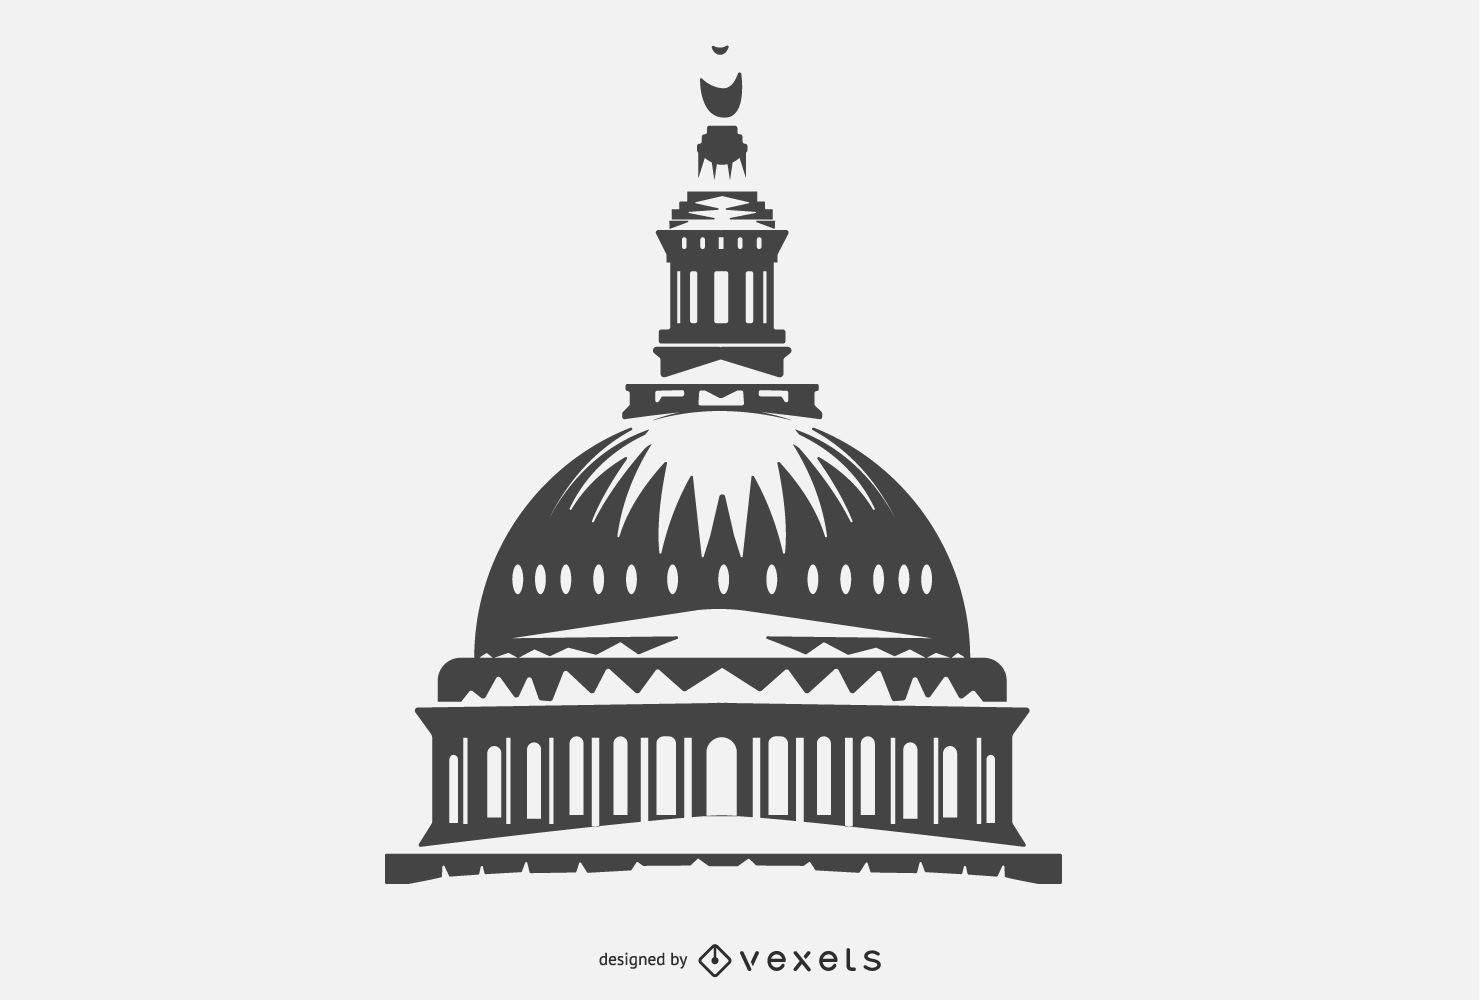 Diseño de silueta de cúpula de edificio